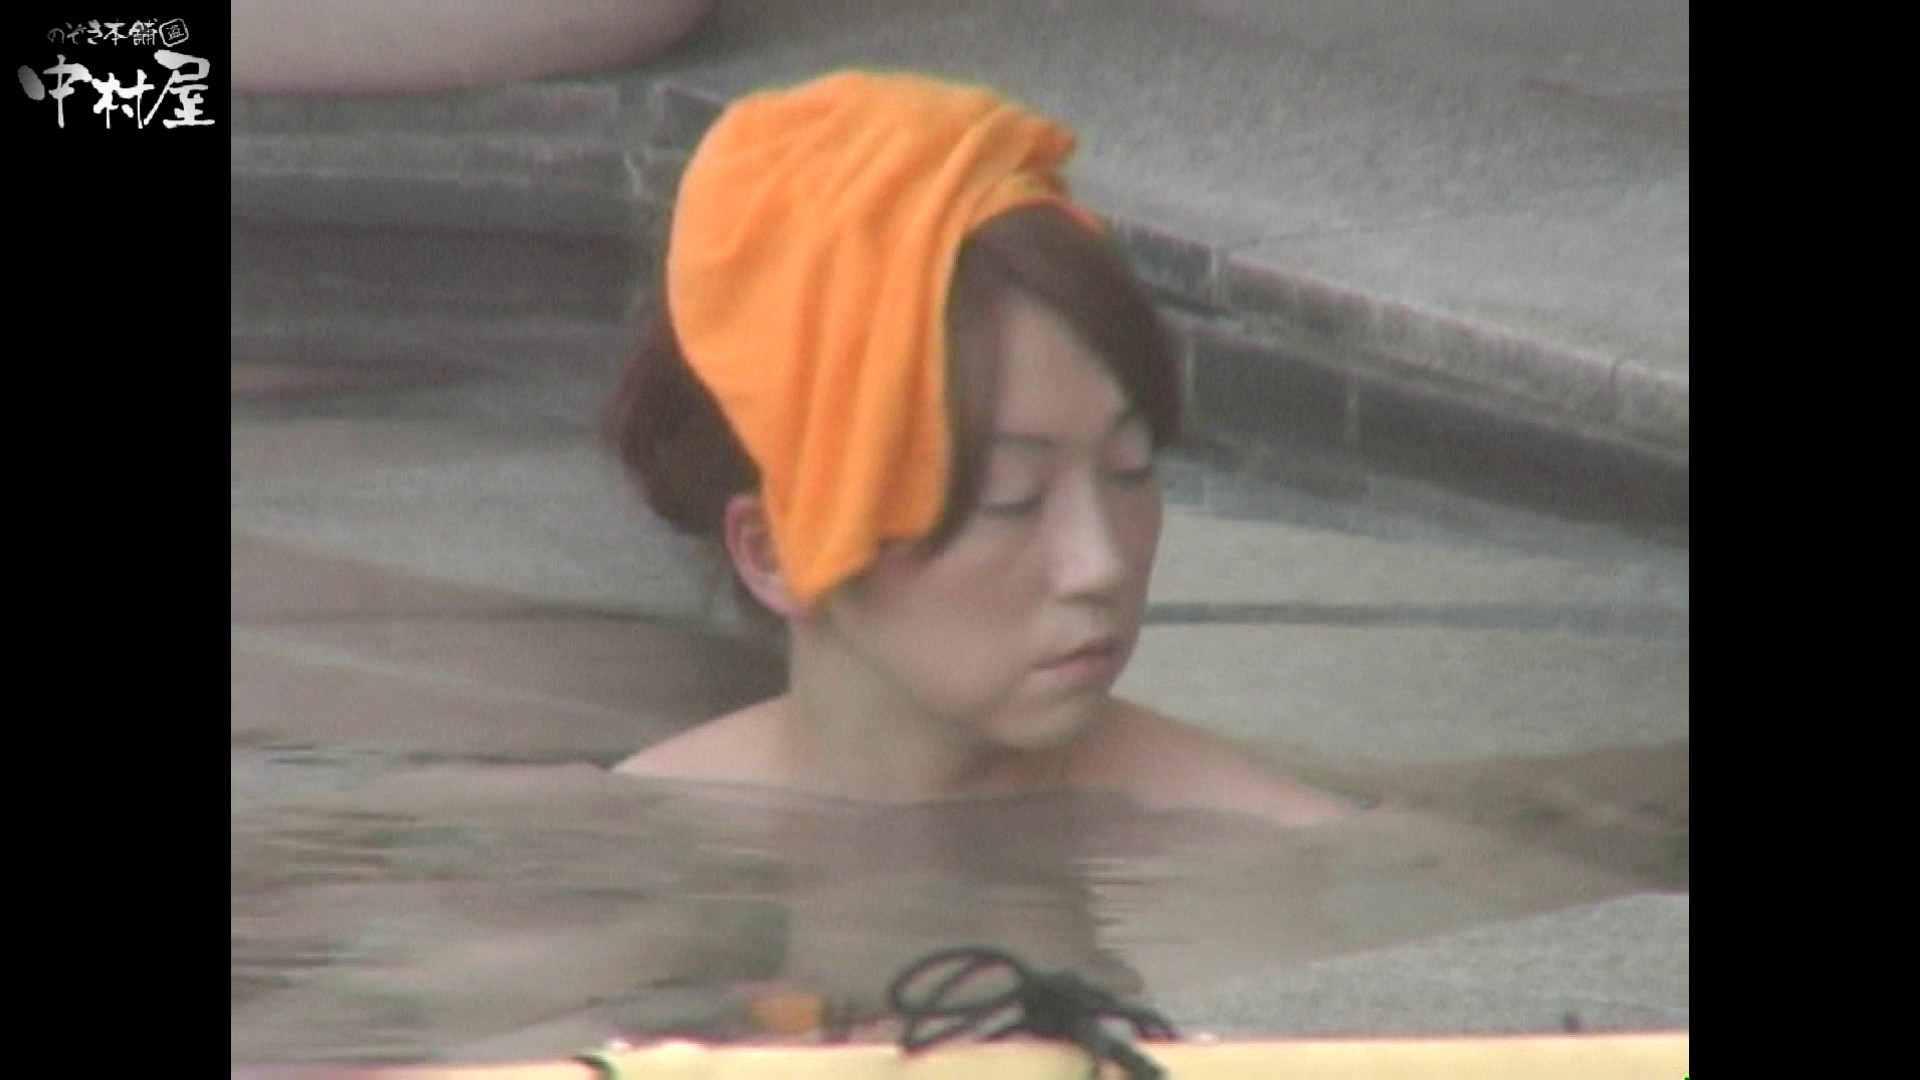 Aquaな露天風呂Vol.941 美しいOLの裸体 アダルト動画キャプチャ 76pic 50